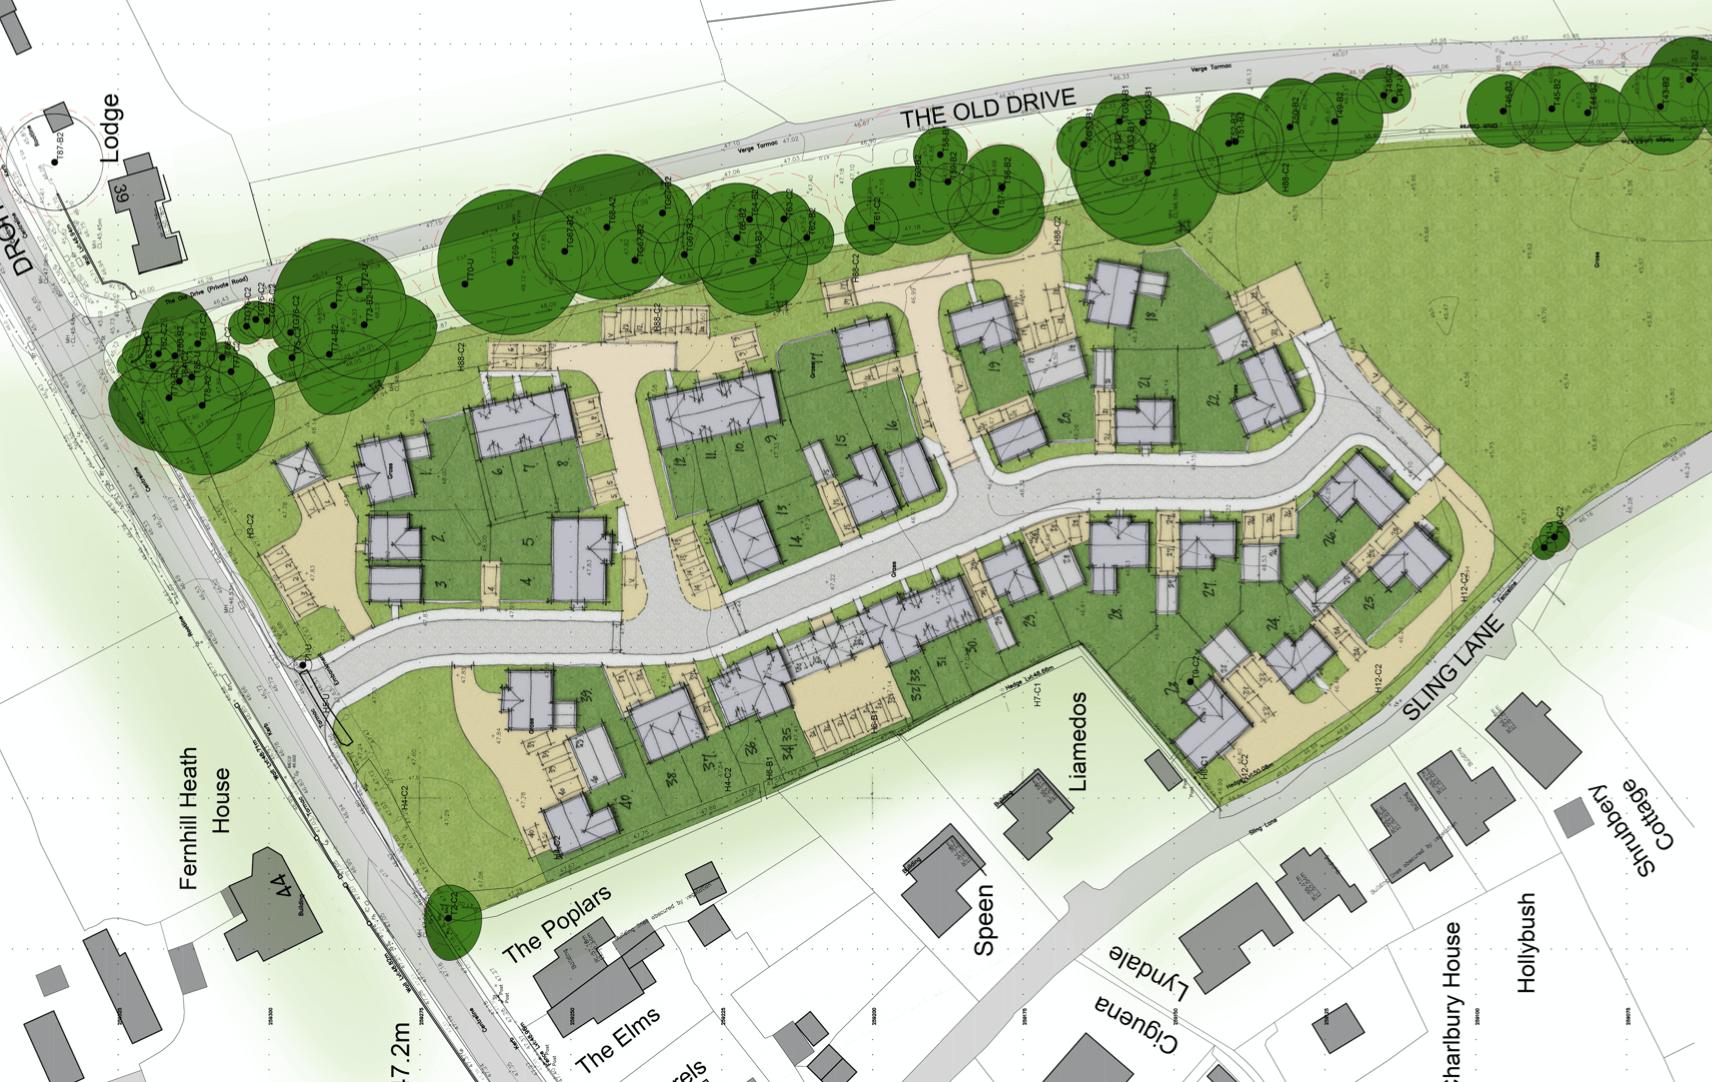 Twigworth - Site Plan